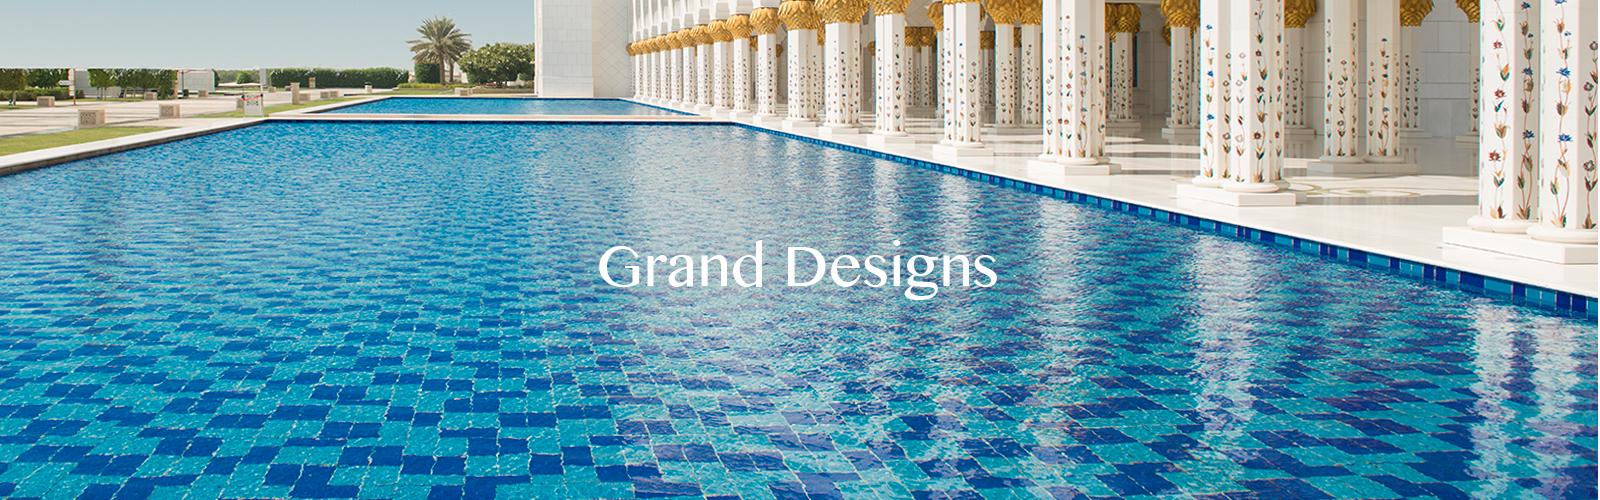 Grand Designs-1600-new site